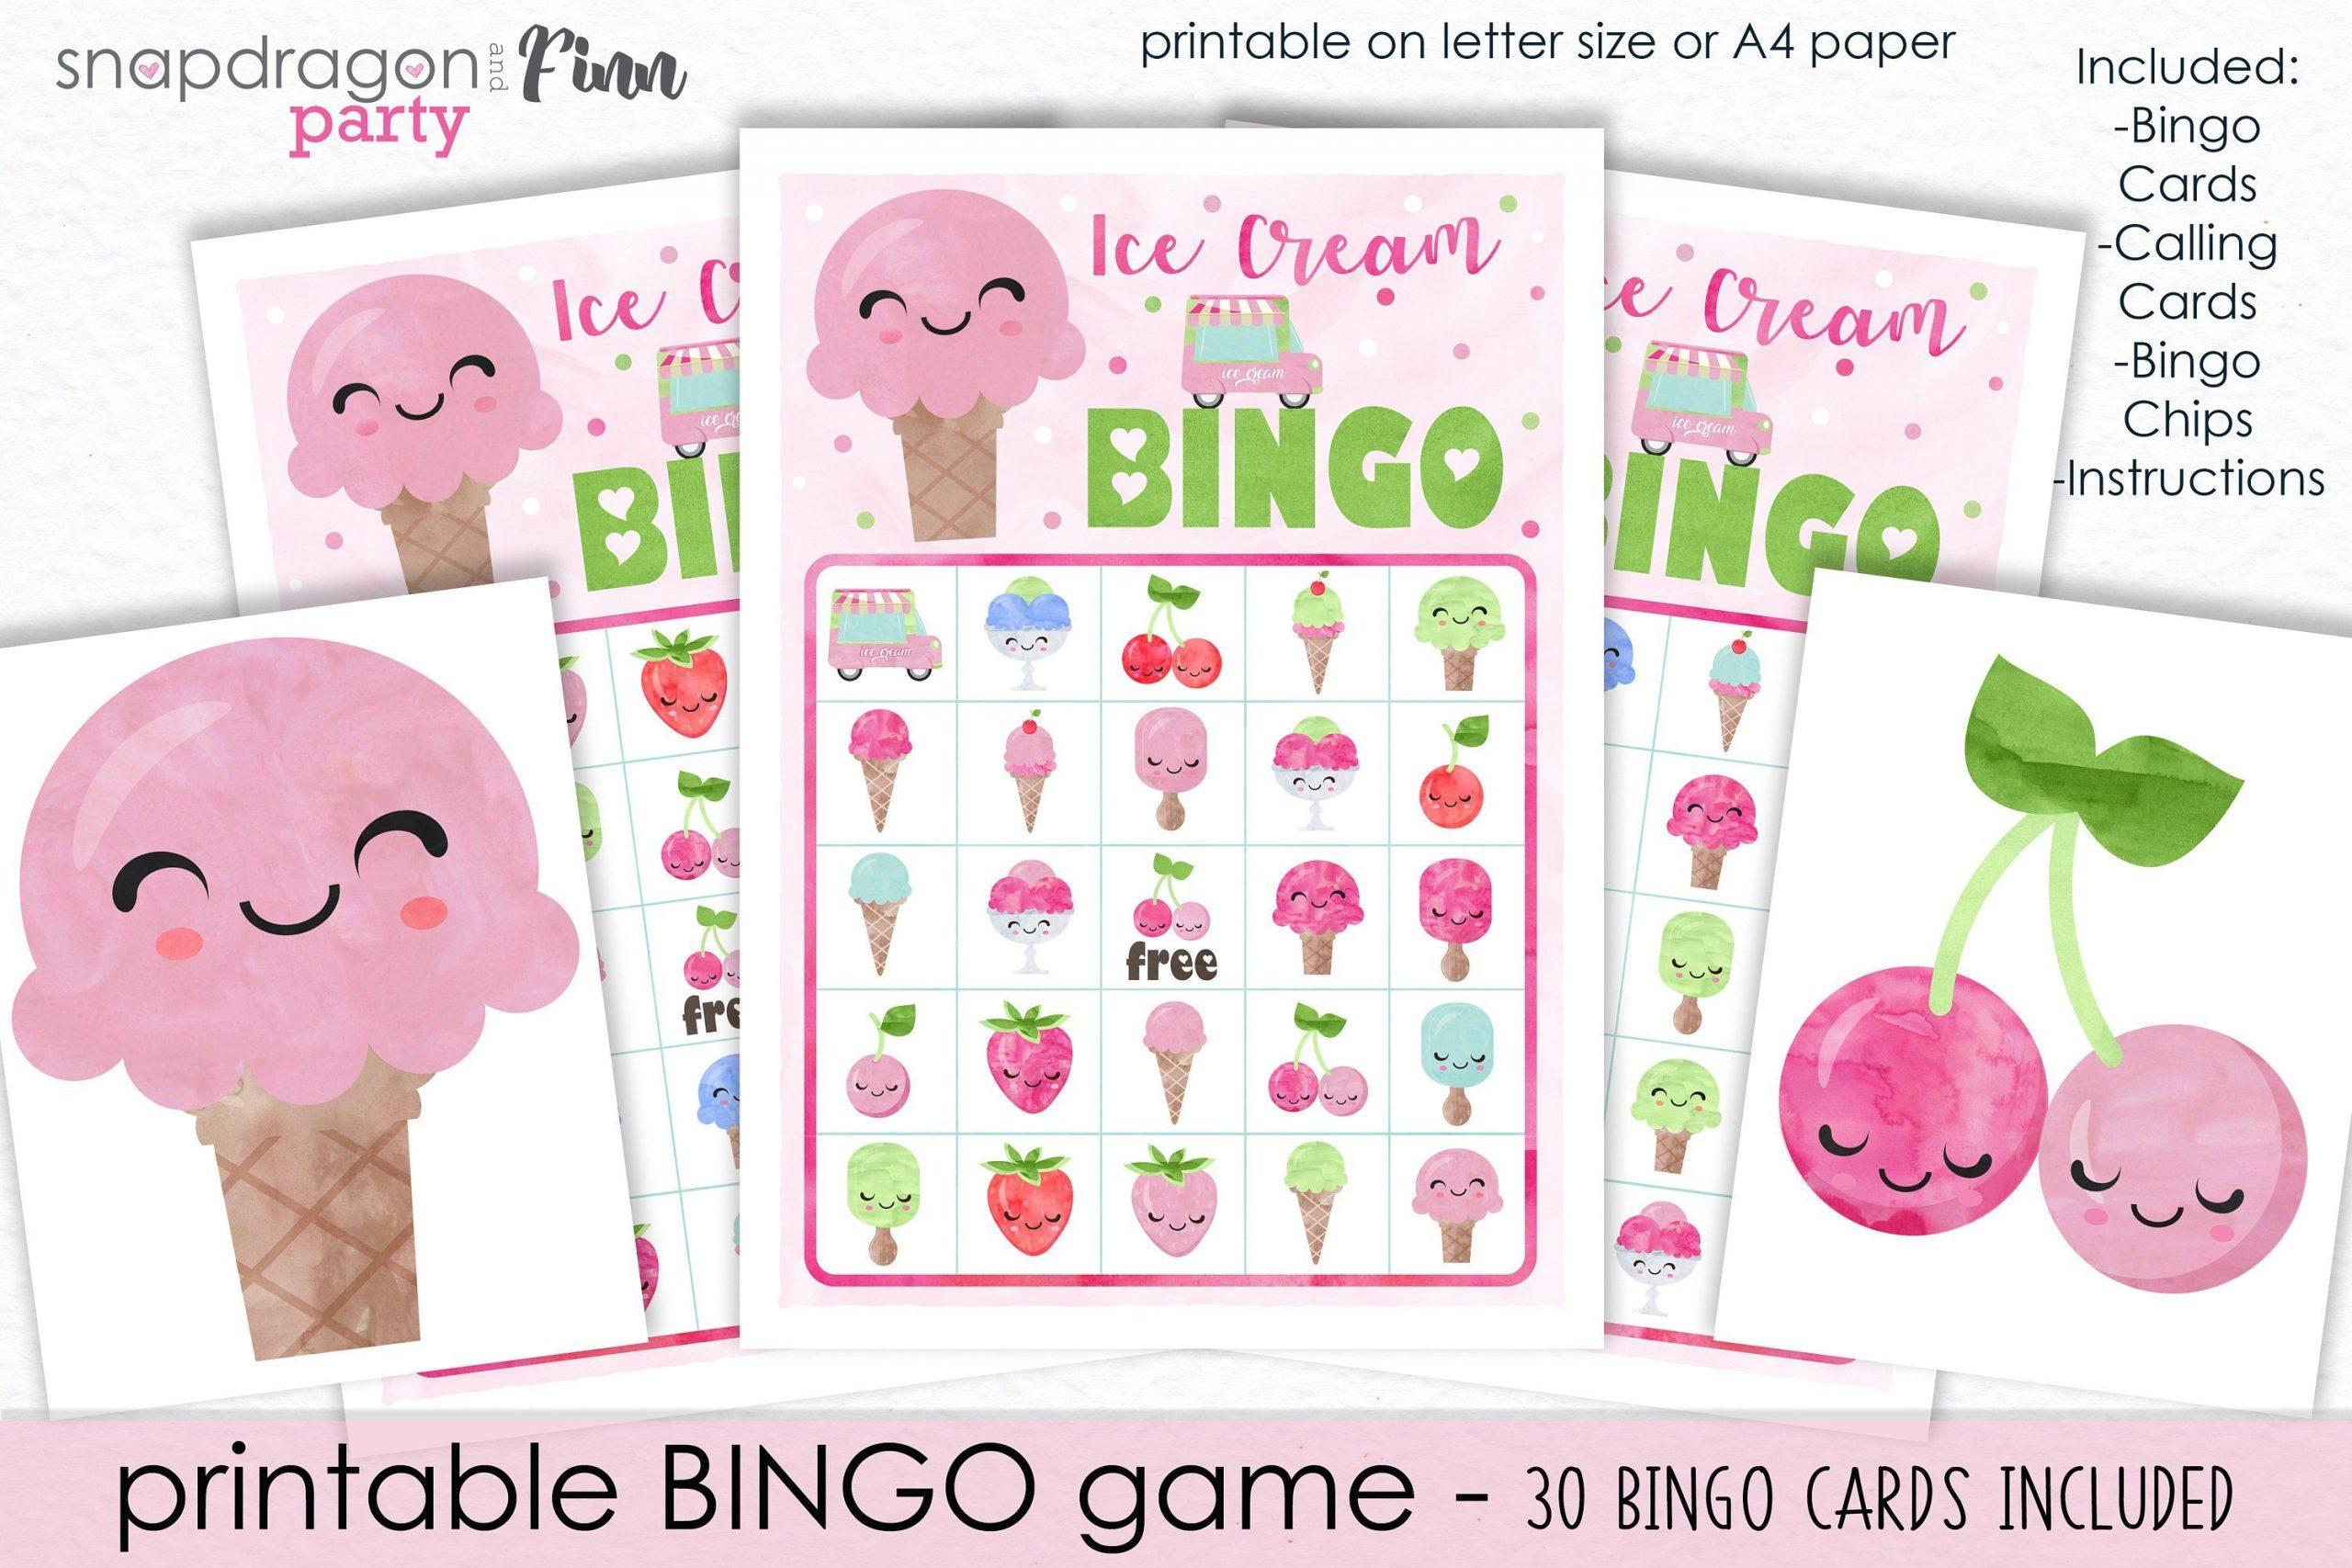 Ice Cream Bingo Printable Party Game - 30 Bingo Cards - Ice